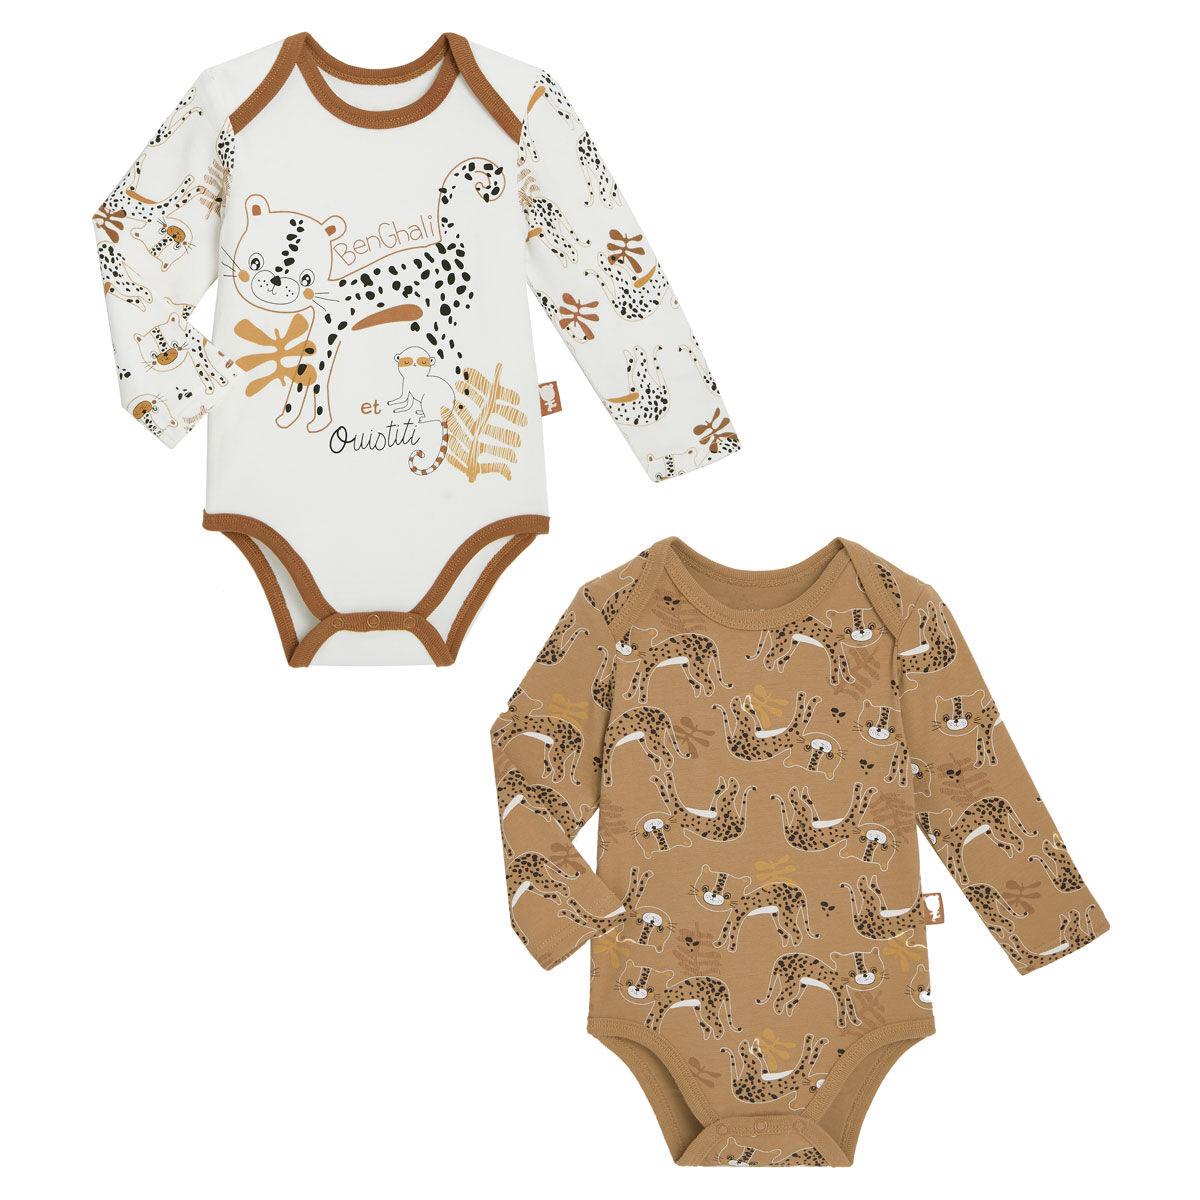 Petit Béguin Lot de 2 bodies bébé garçon manches longues Benghali - Taille - 36 mois